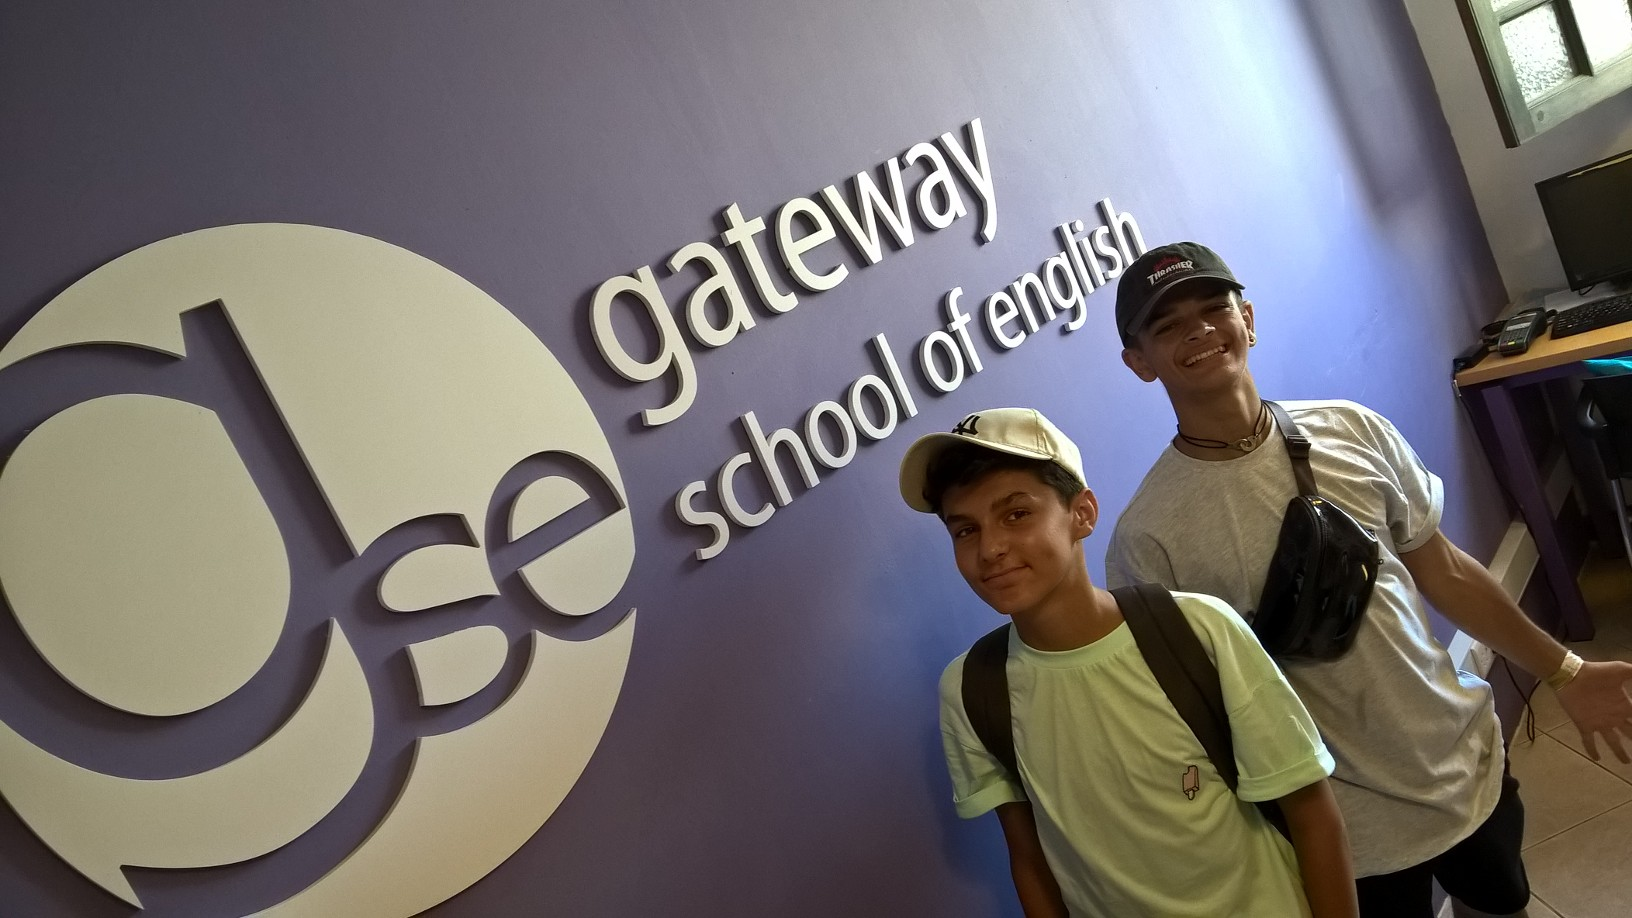 GSE Junior English Programmes Malta Teenagers Apprendre Anglais a Malte Sejours Linguistiques etudier anglais cours jeunes Youtubers français